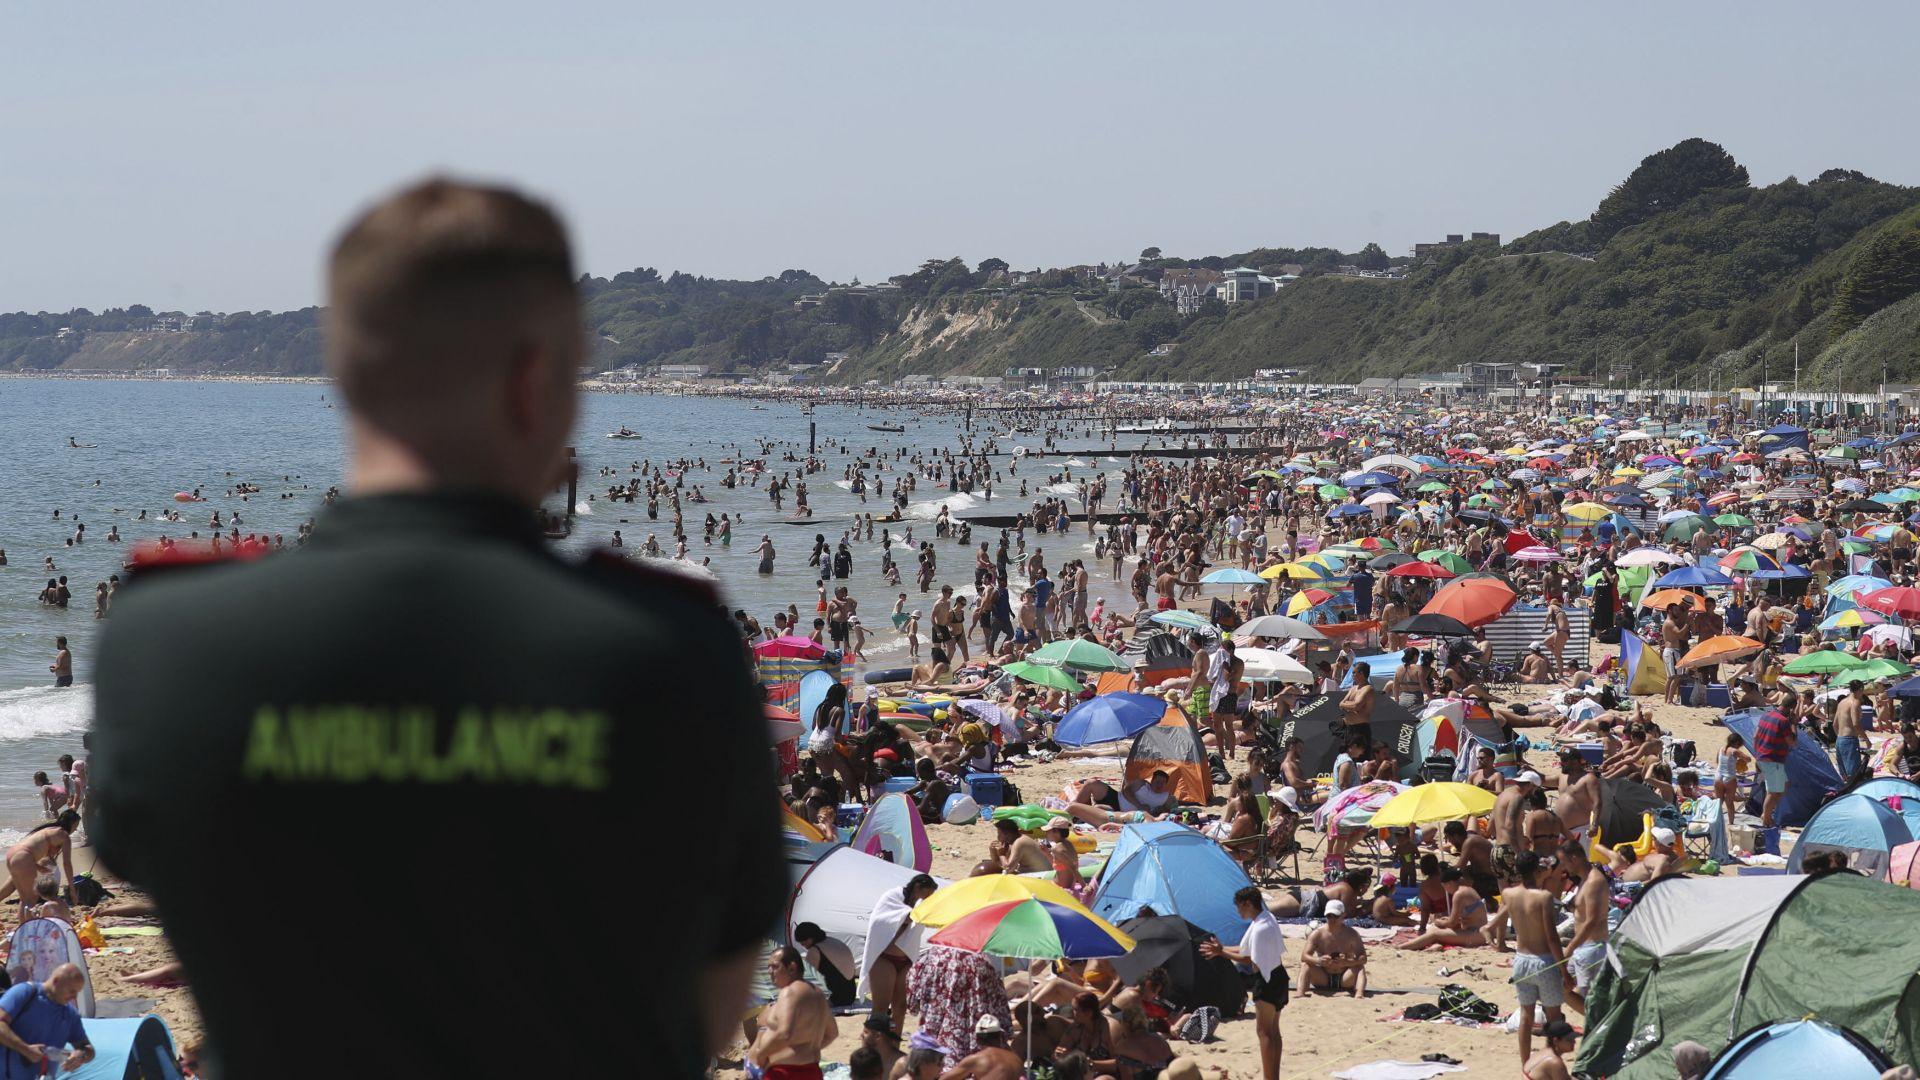 33 градуса - британците превзеха плажовете, въпреки мерките за социална дистанция (снимки)